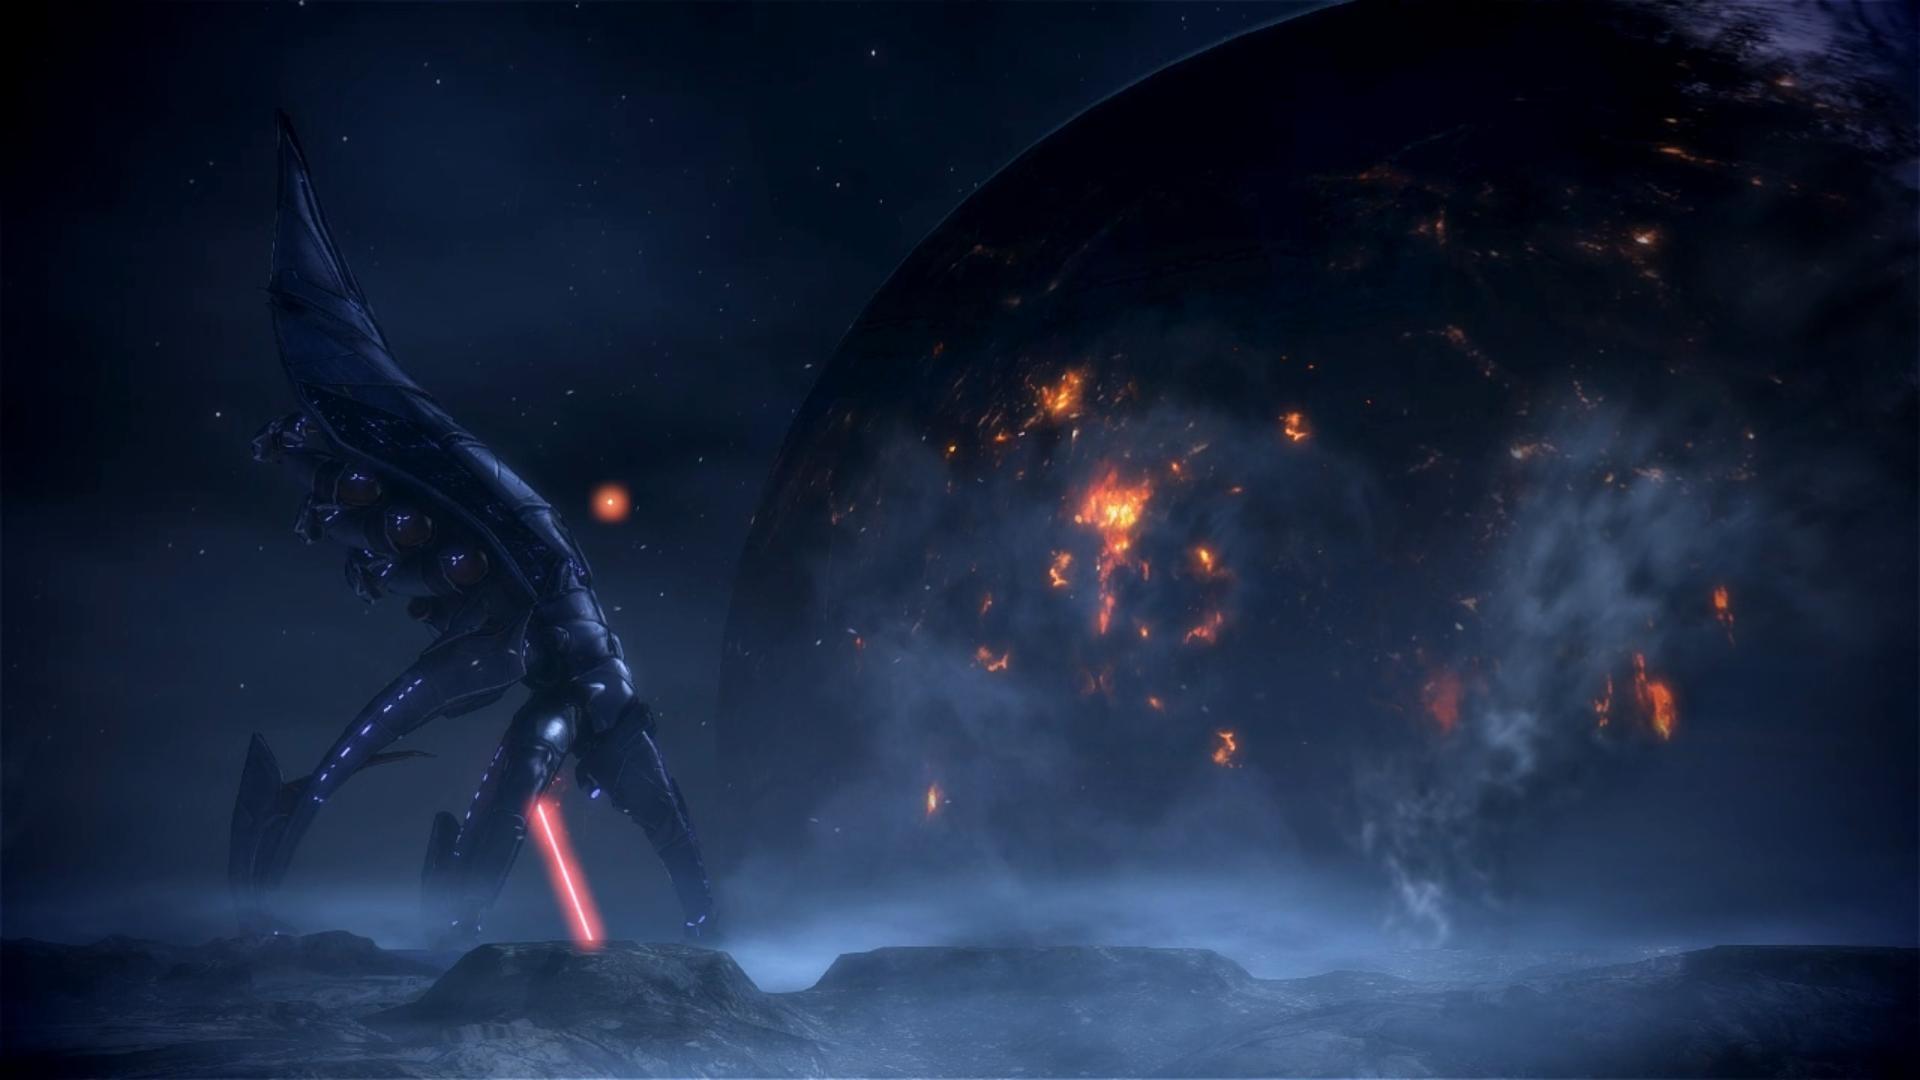 Mass Effect 3 Menae Dreamscene 02 by droot1986